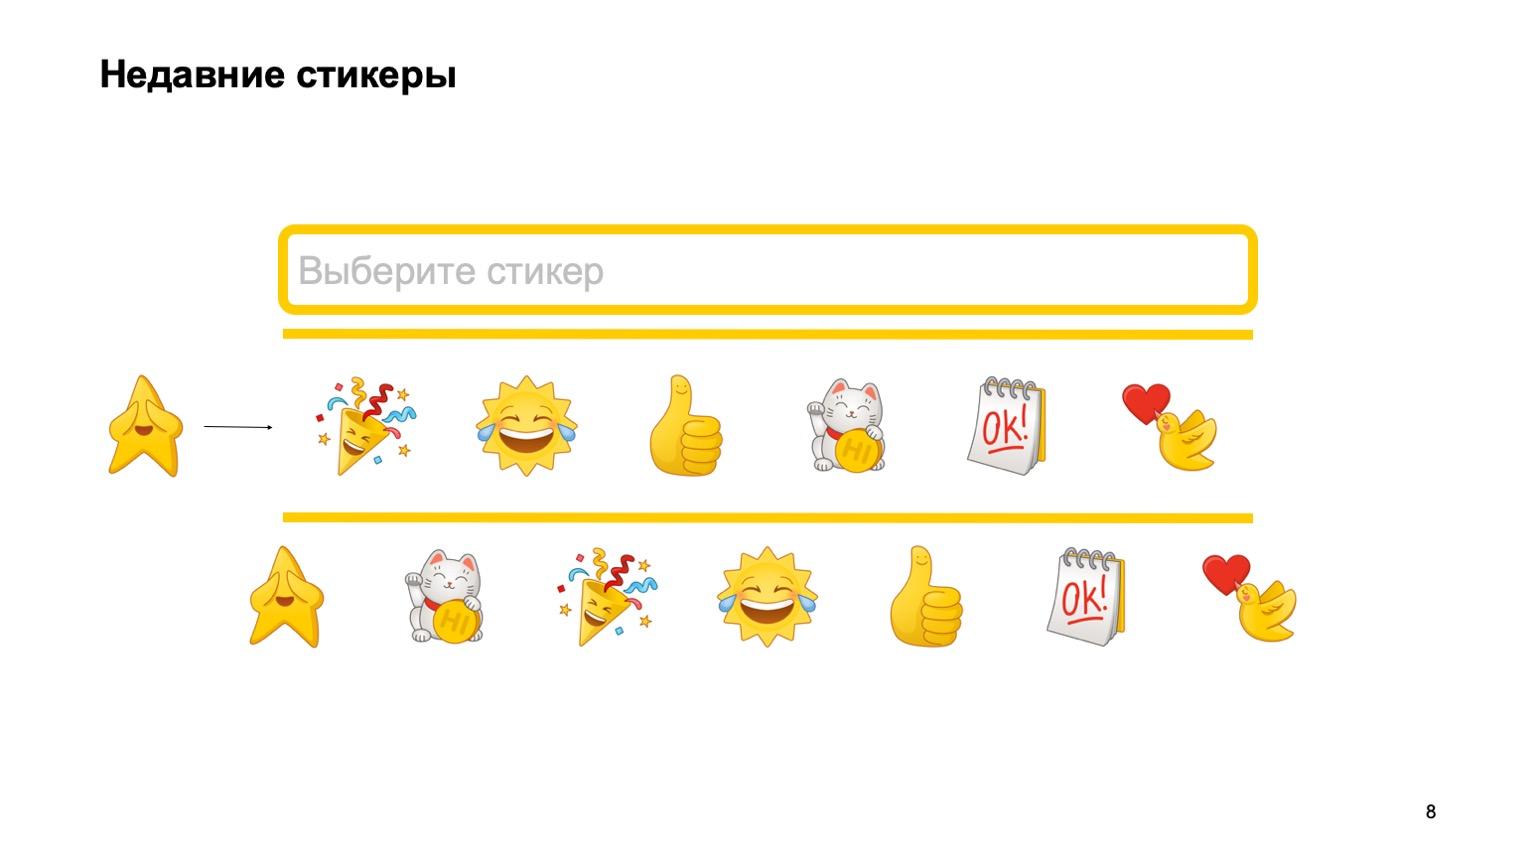 Мобильная разработка — это просто и скучно? Доклад Яндекса - 8